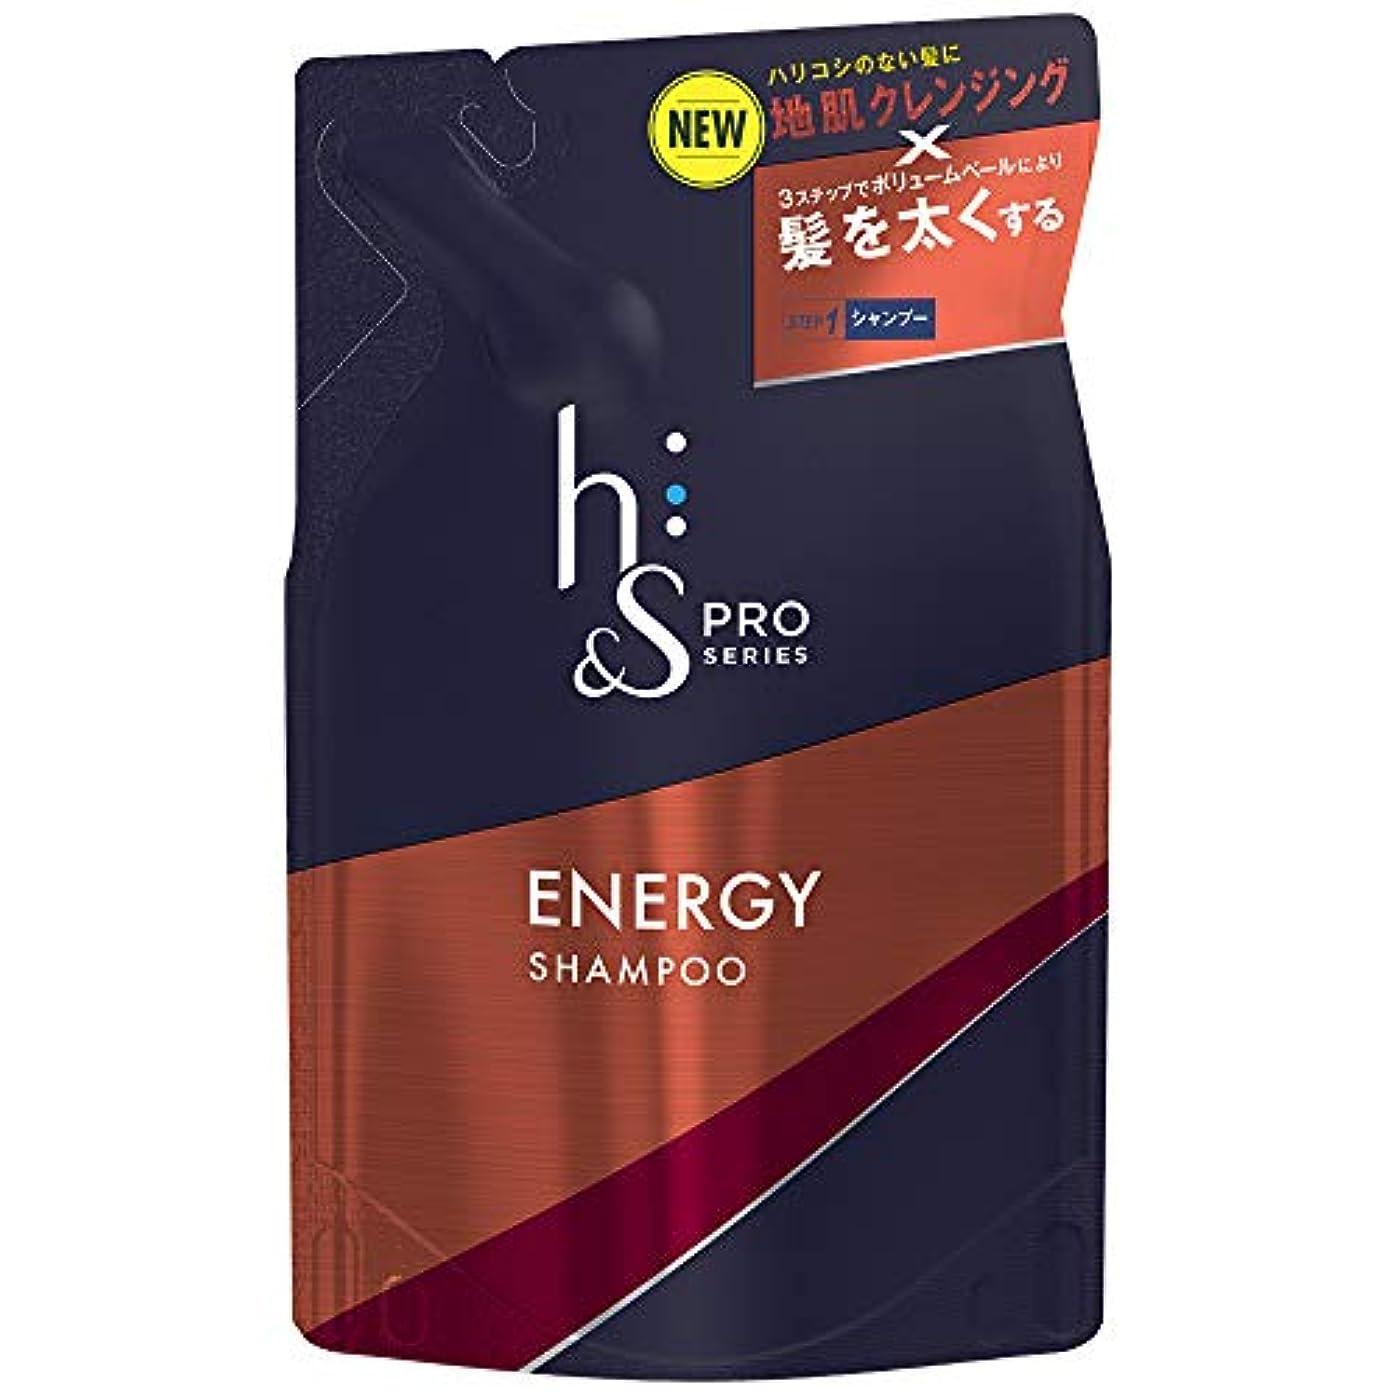 故障排除懐h&s PRO (エイチアンドエス プロ) メンズ シャンプー エナジー 詰め替え (ボリューム重視) 300mL